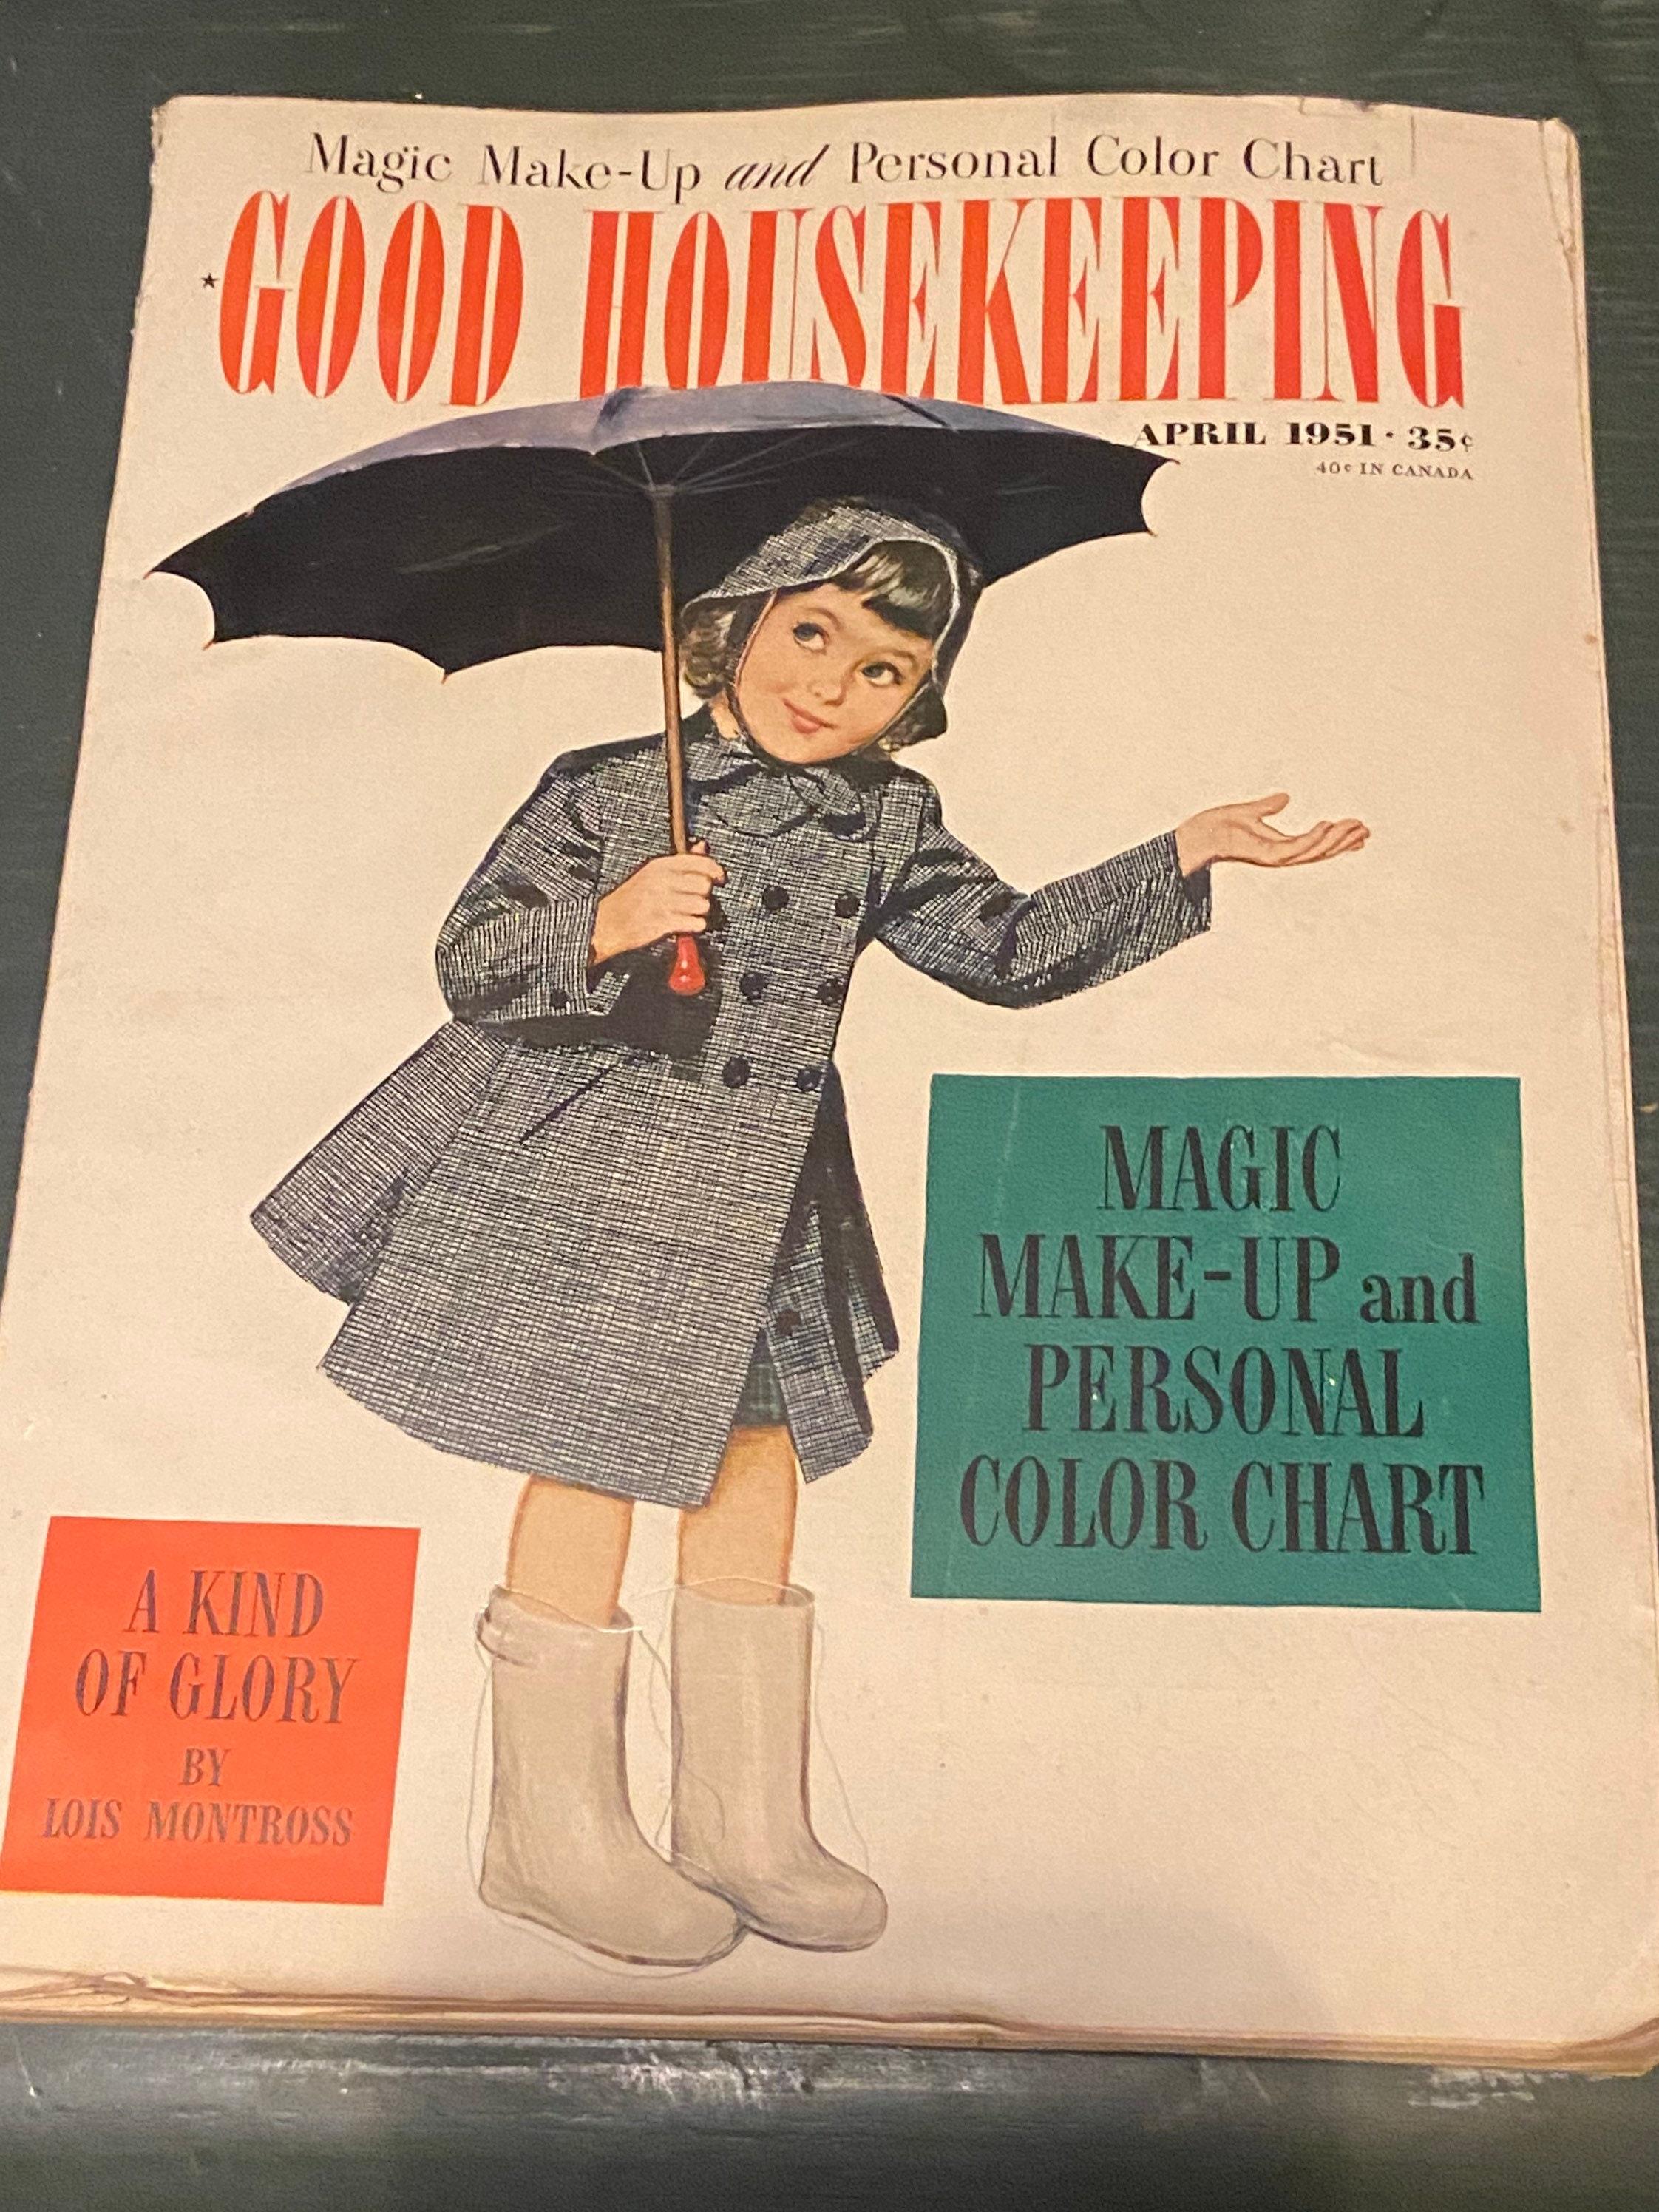 Gute Haushaltsführung April 1951. Mädchen mit dem